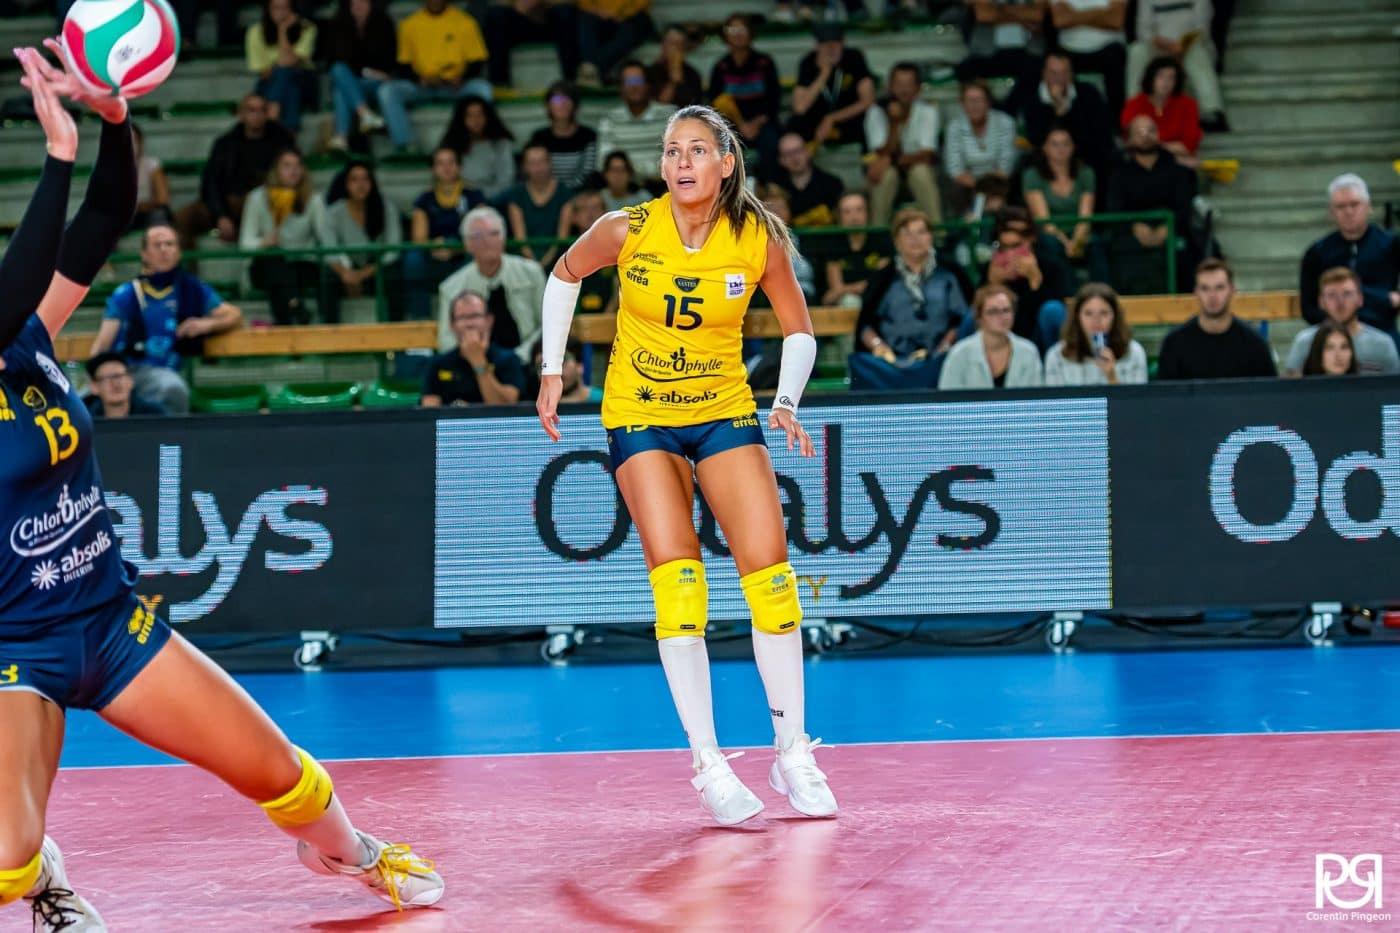 maillot-volley-LAF-2019-2020-VB-nantes-errea-2